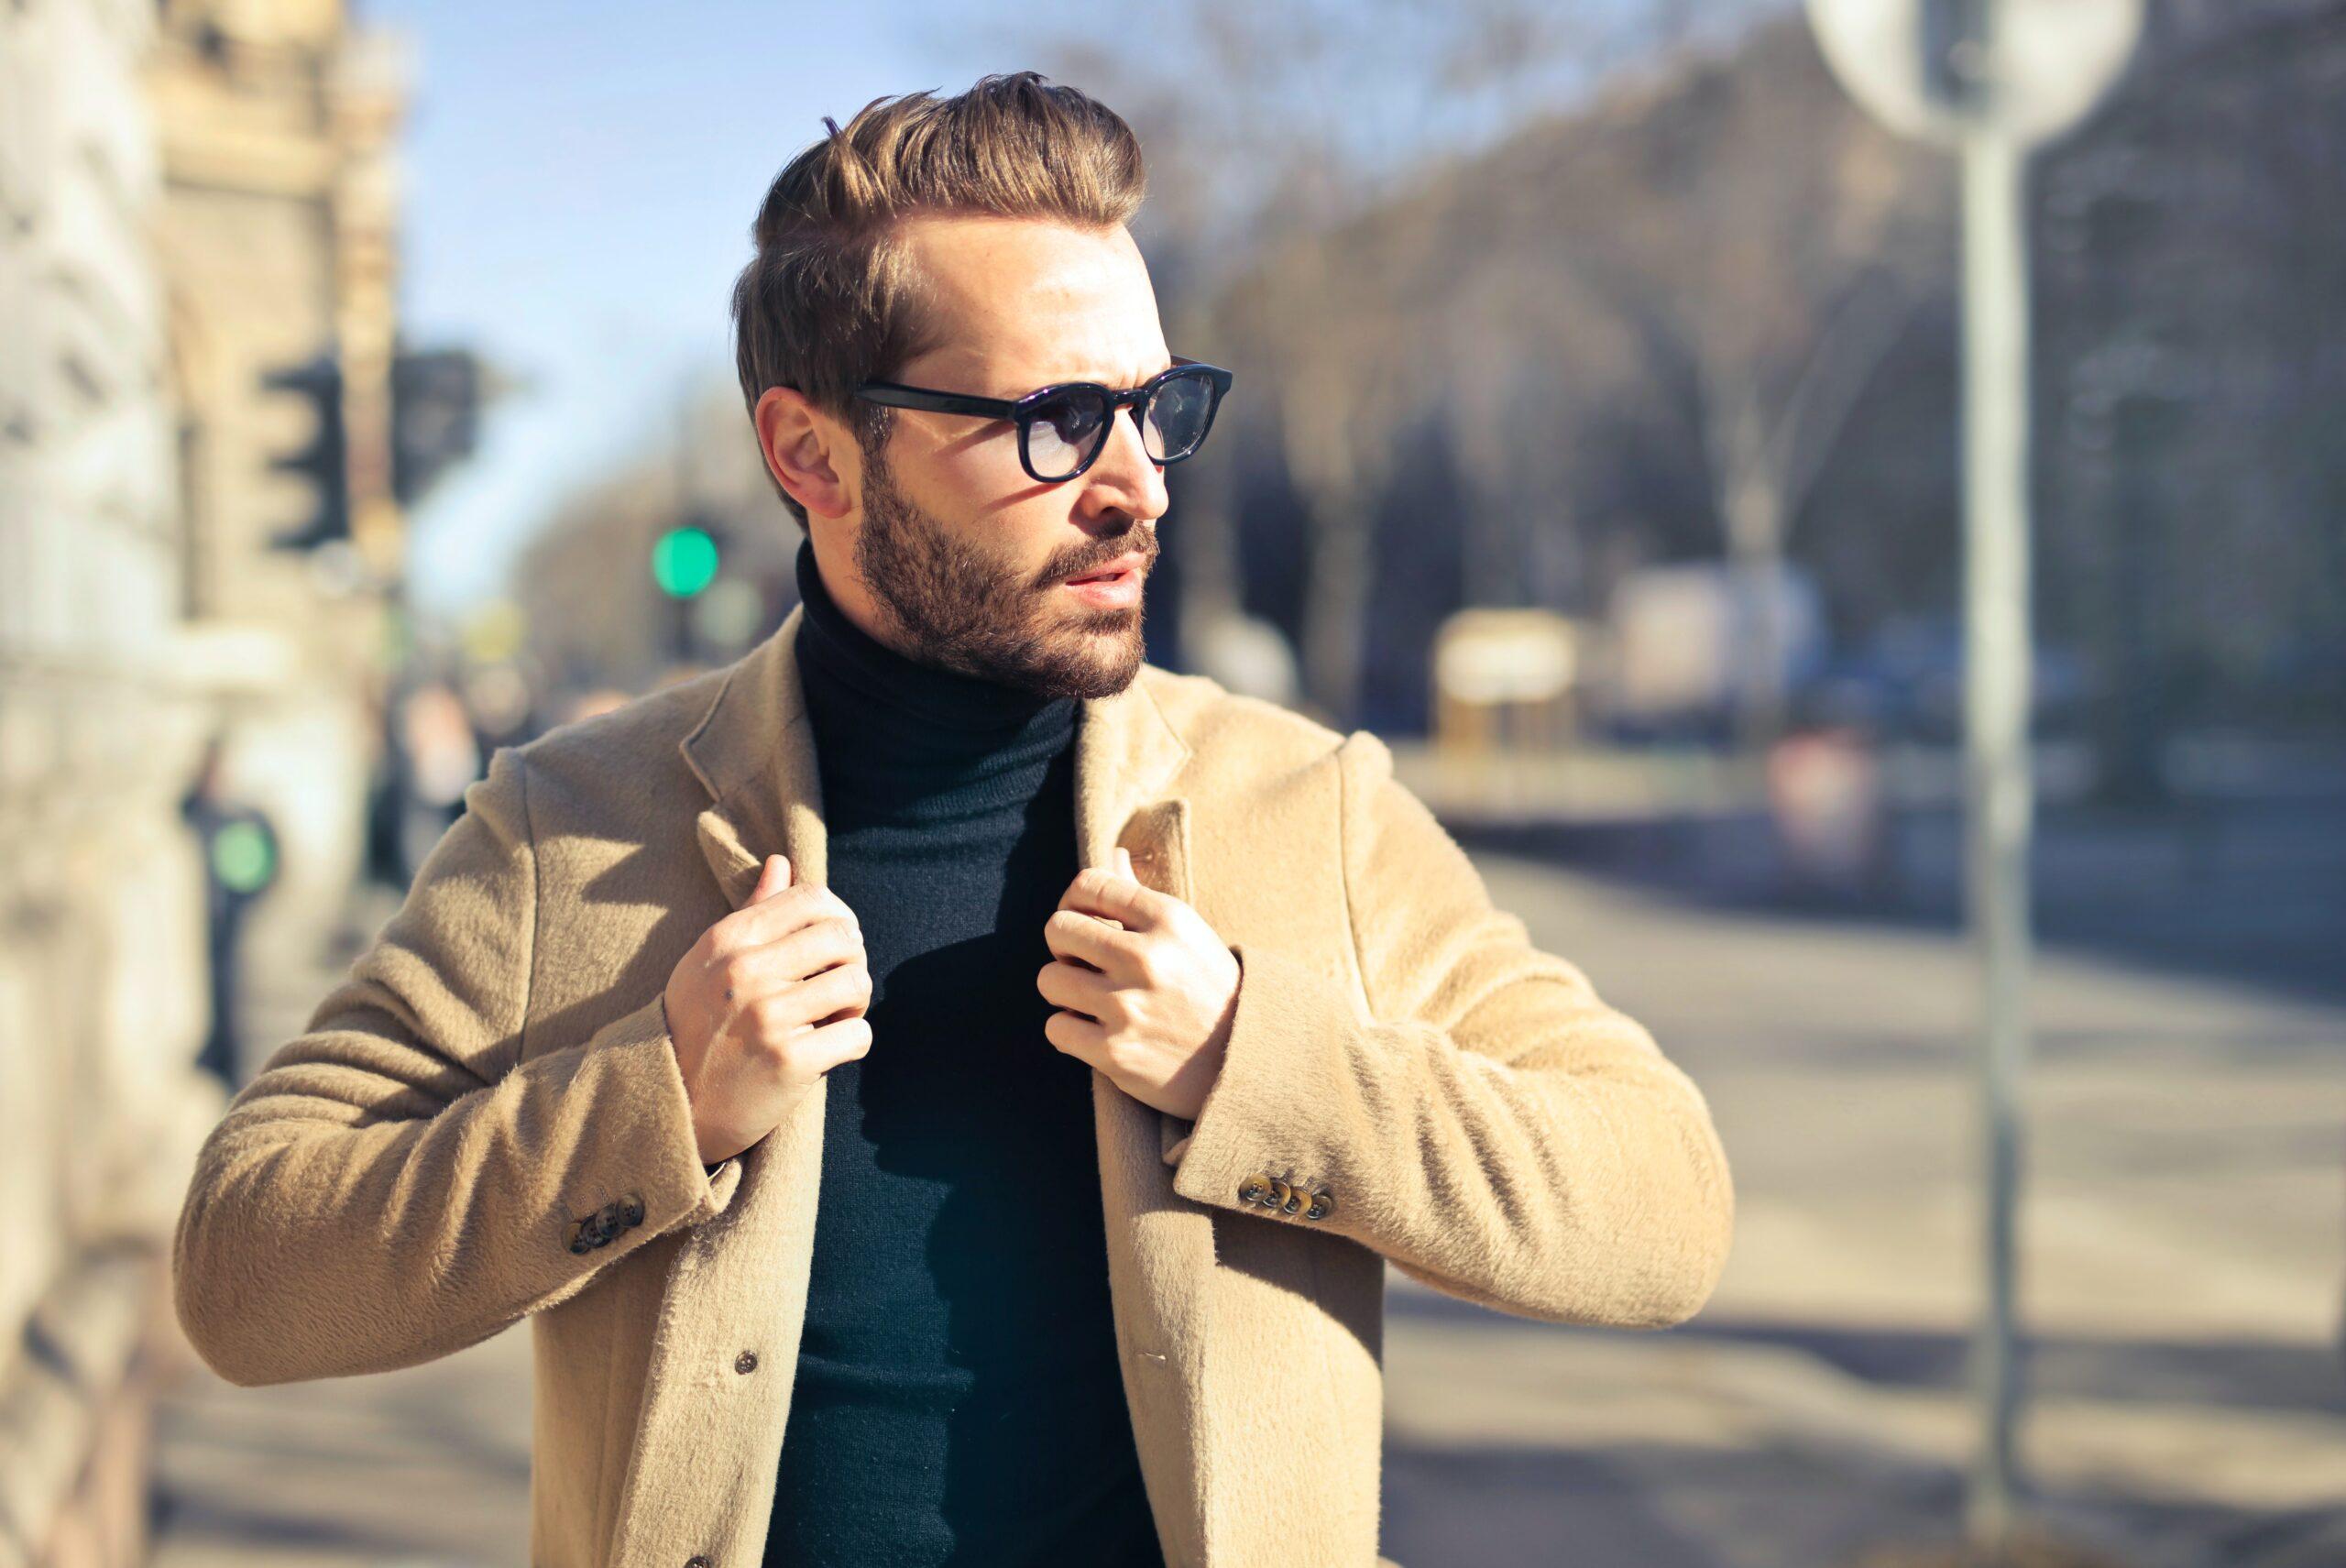 Caso studio e-commerce abbigliamento uomo